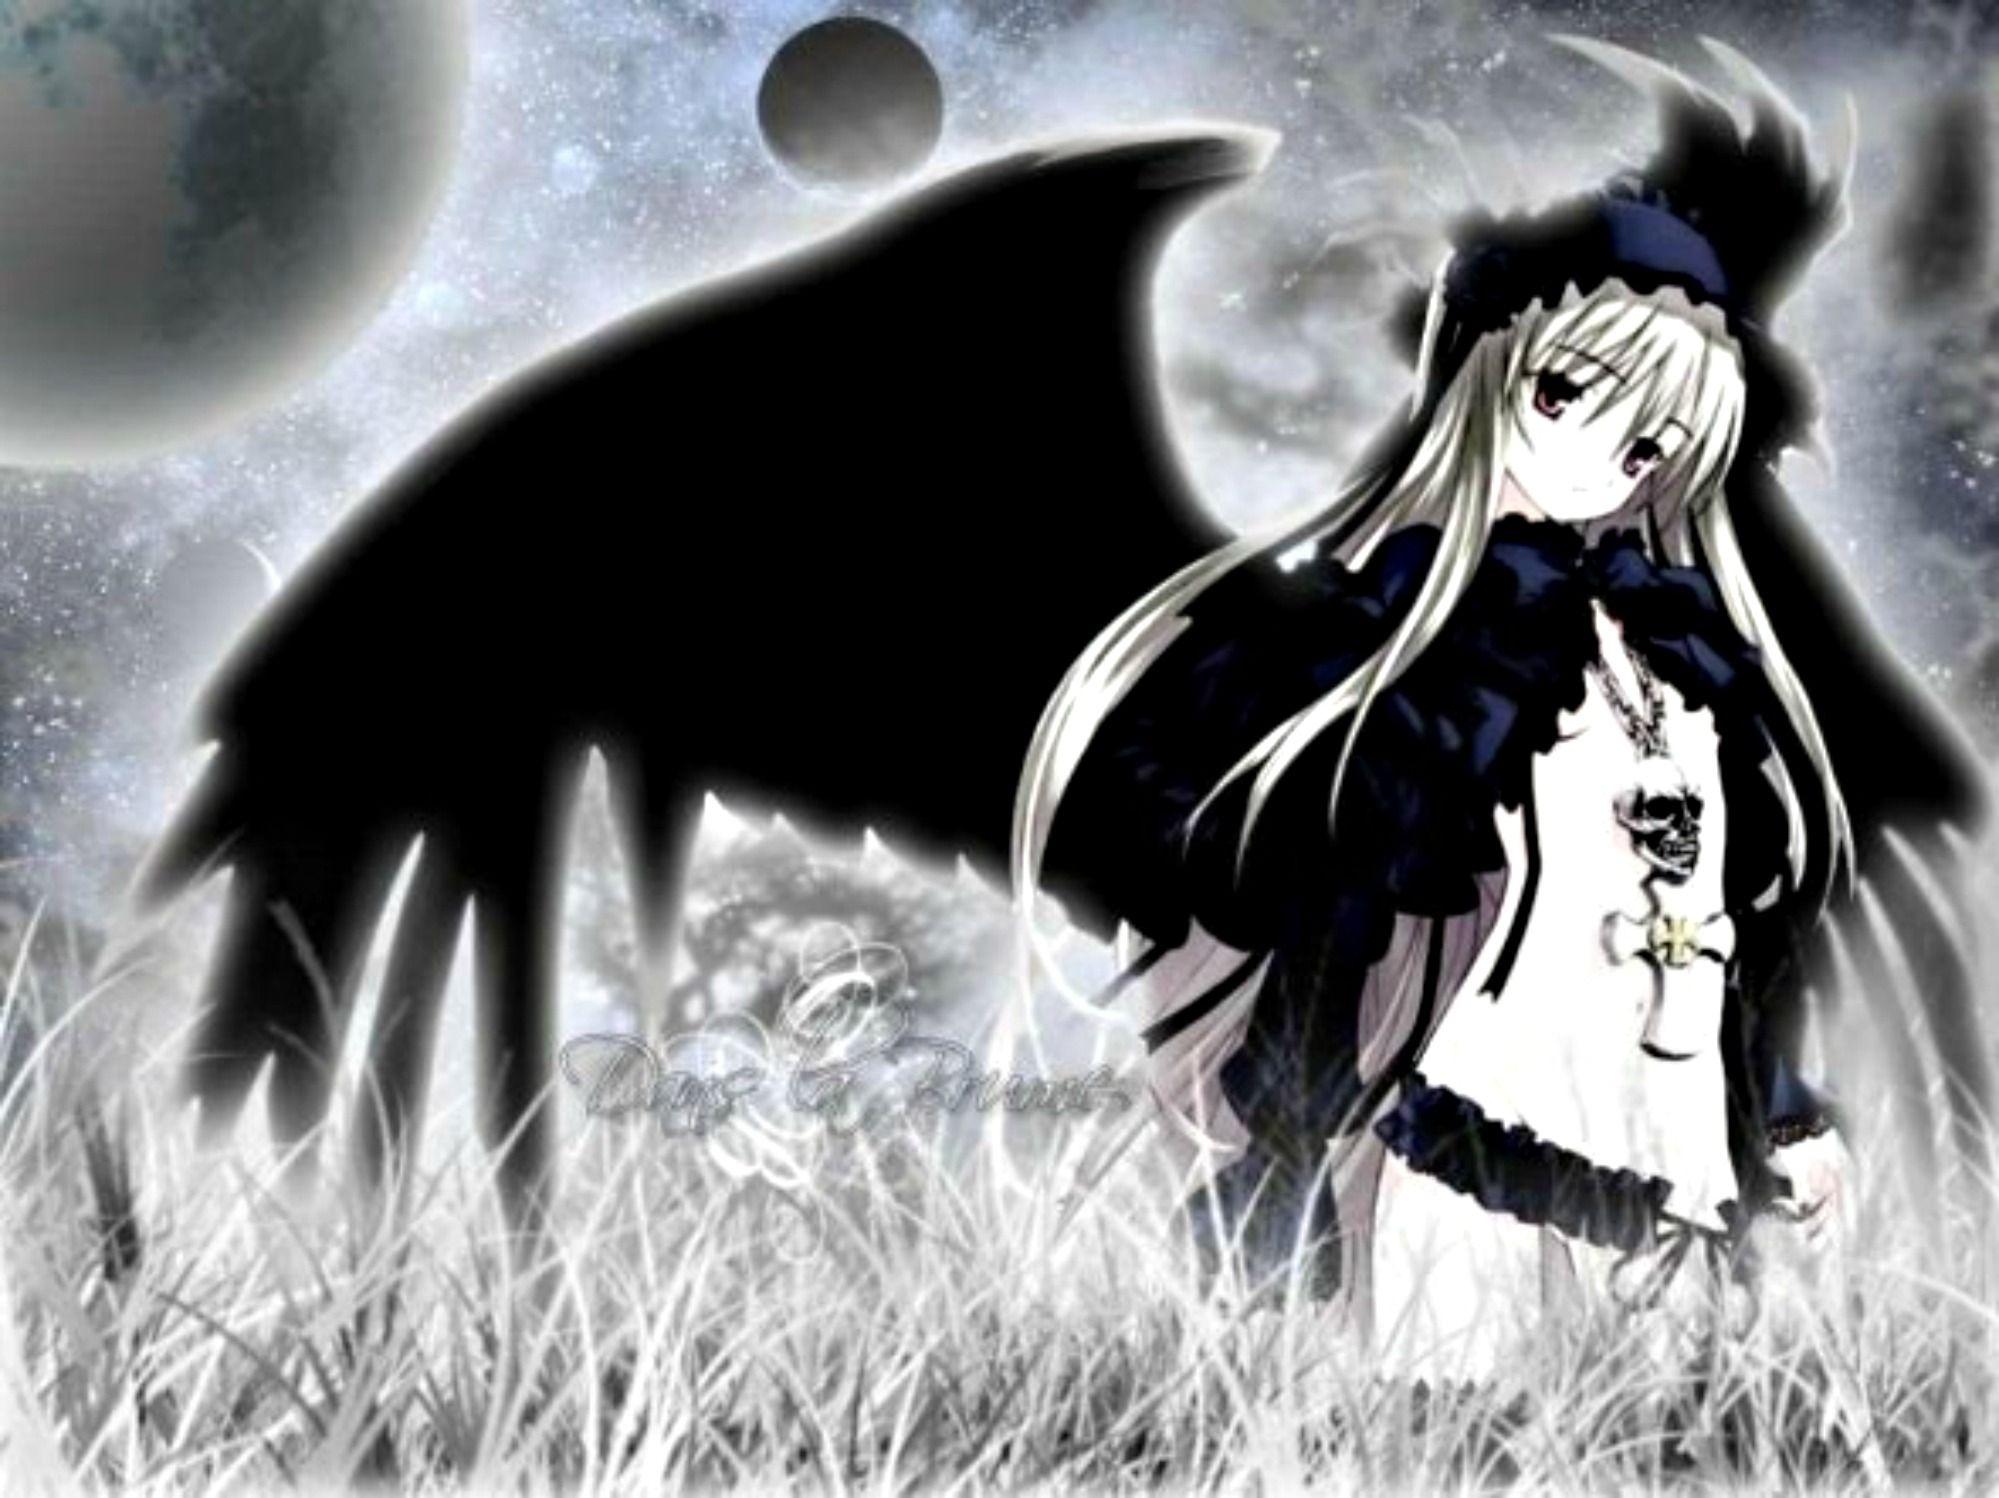 Download dark angel anime girl wallpaper angels fairies - Dark angel anime wallpaper ...